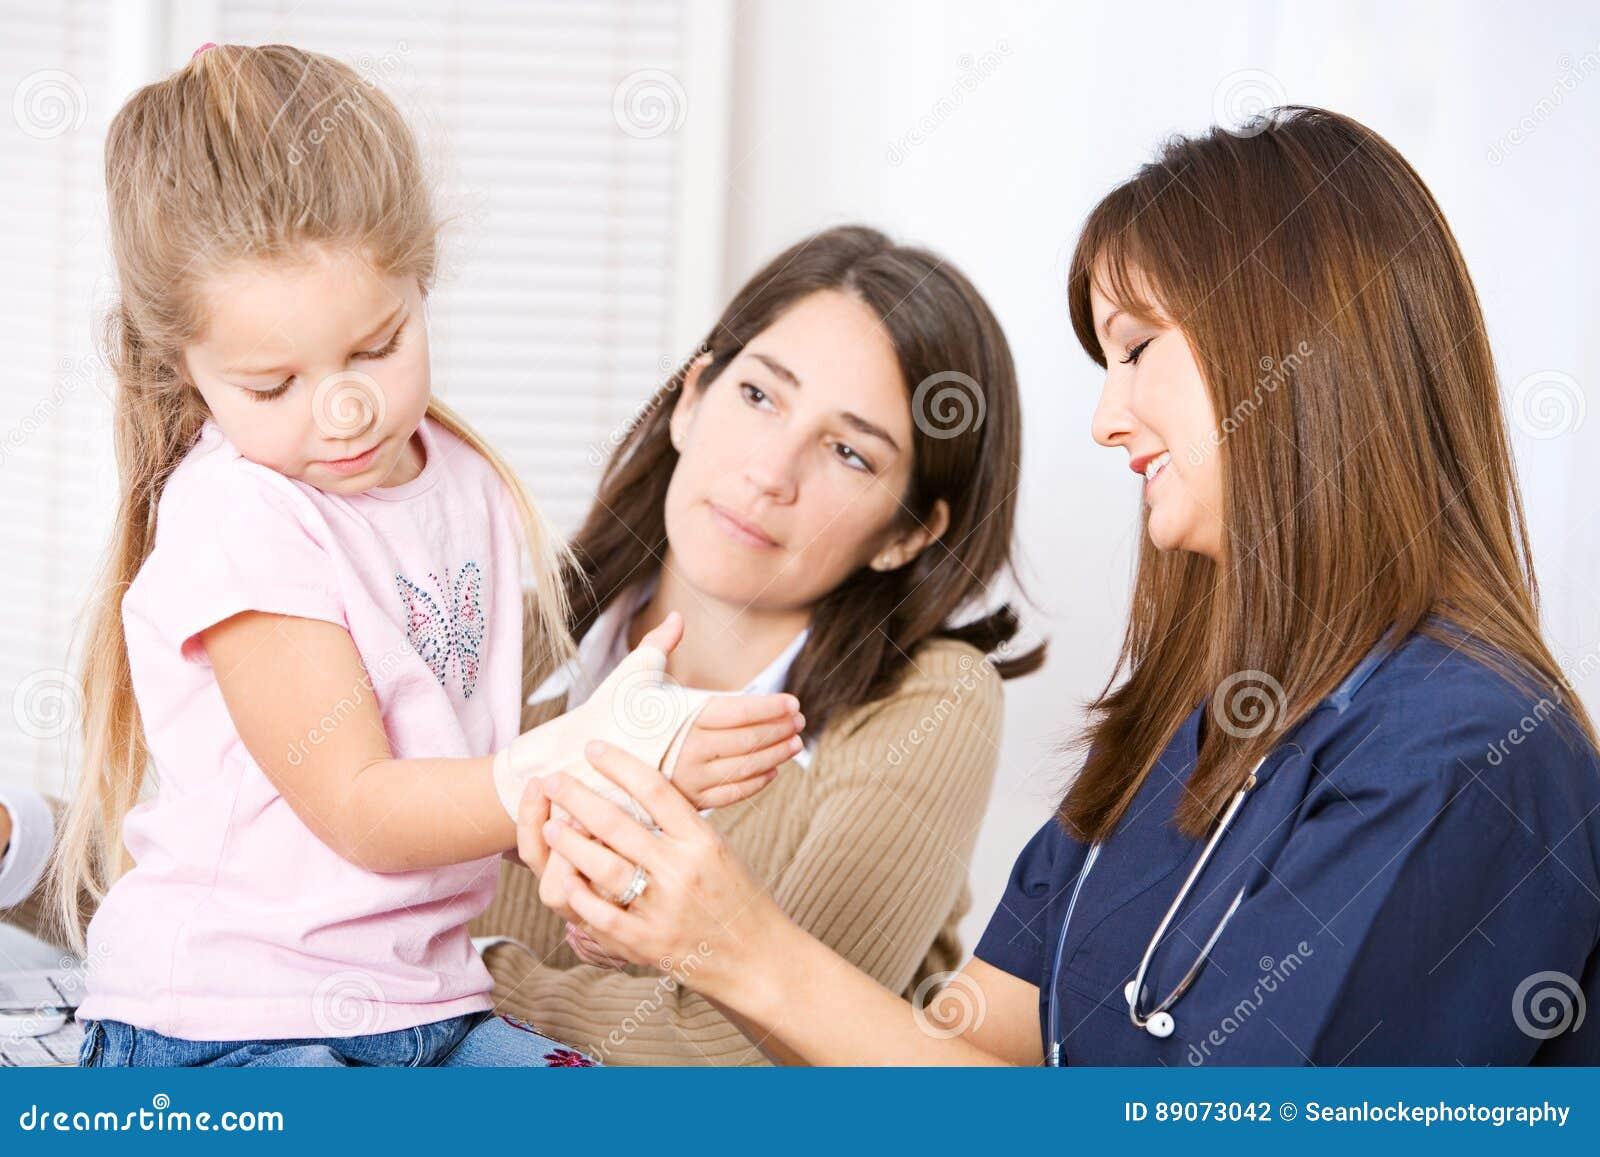 Enfermeira: Enfermeira Wraps Wrist Sprain